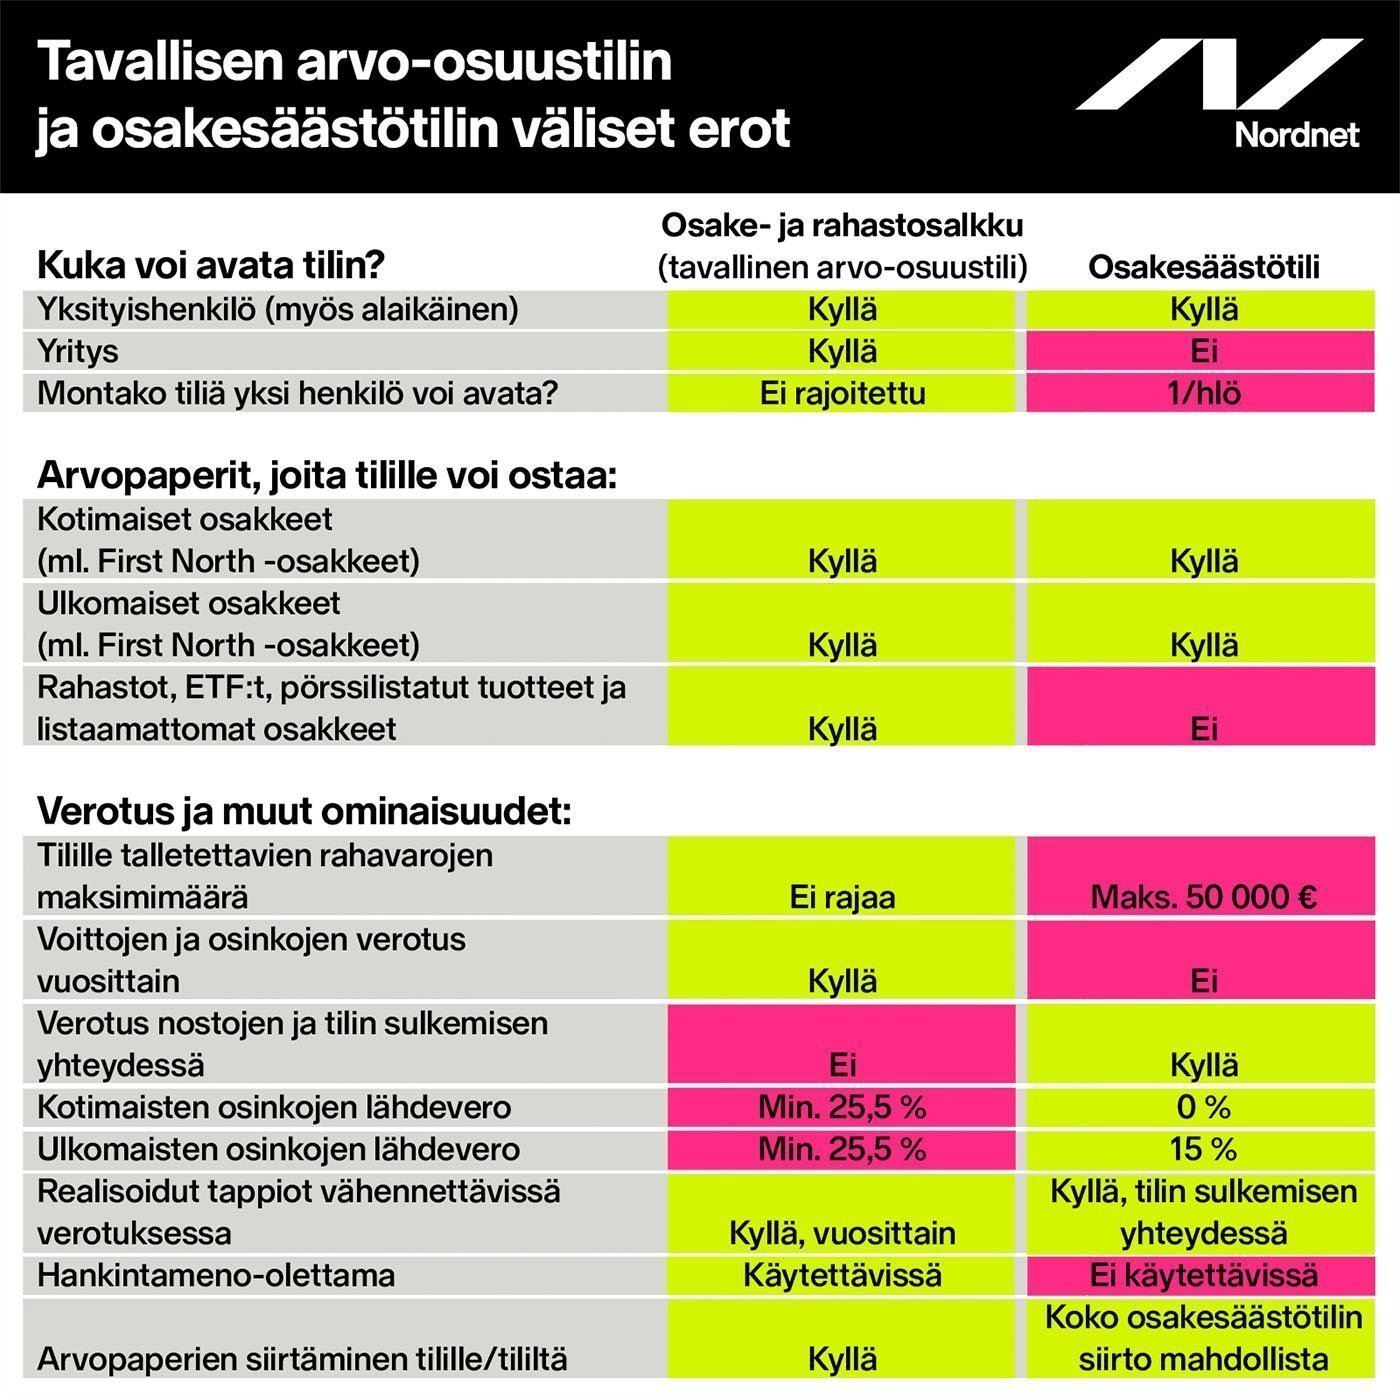 nordnet-arvo-osuustili